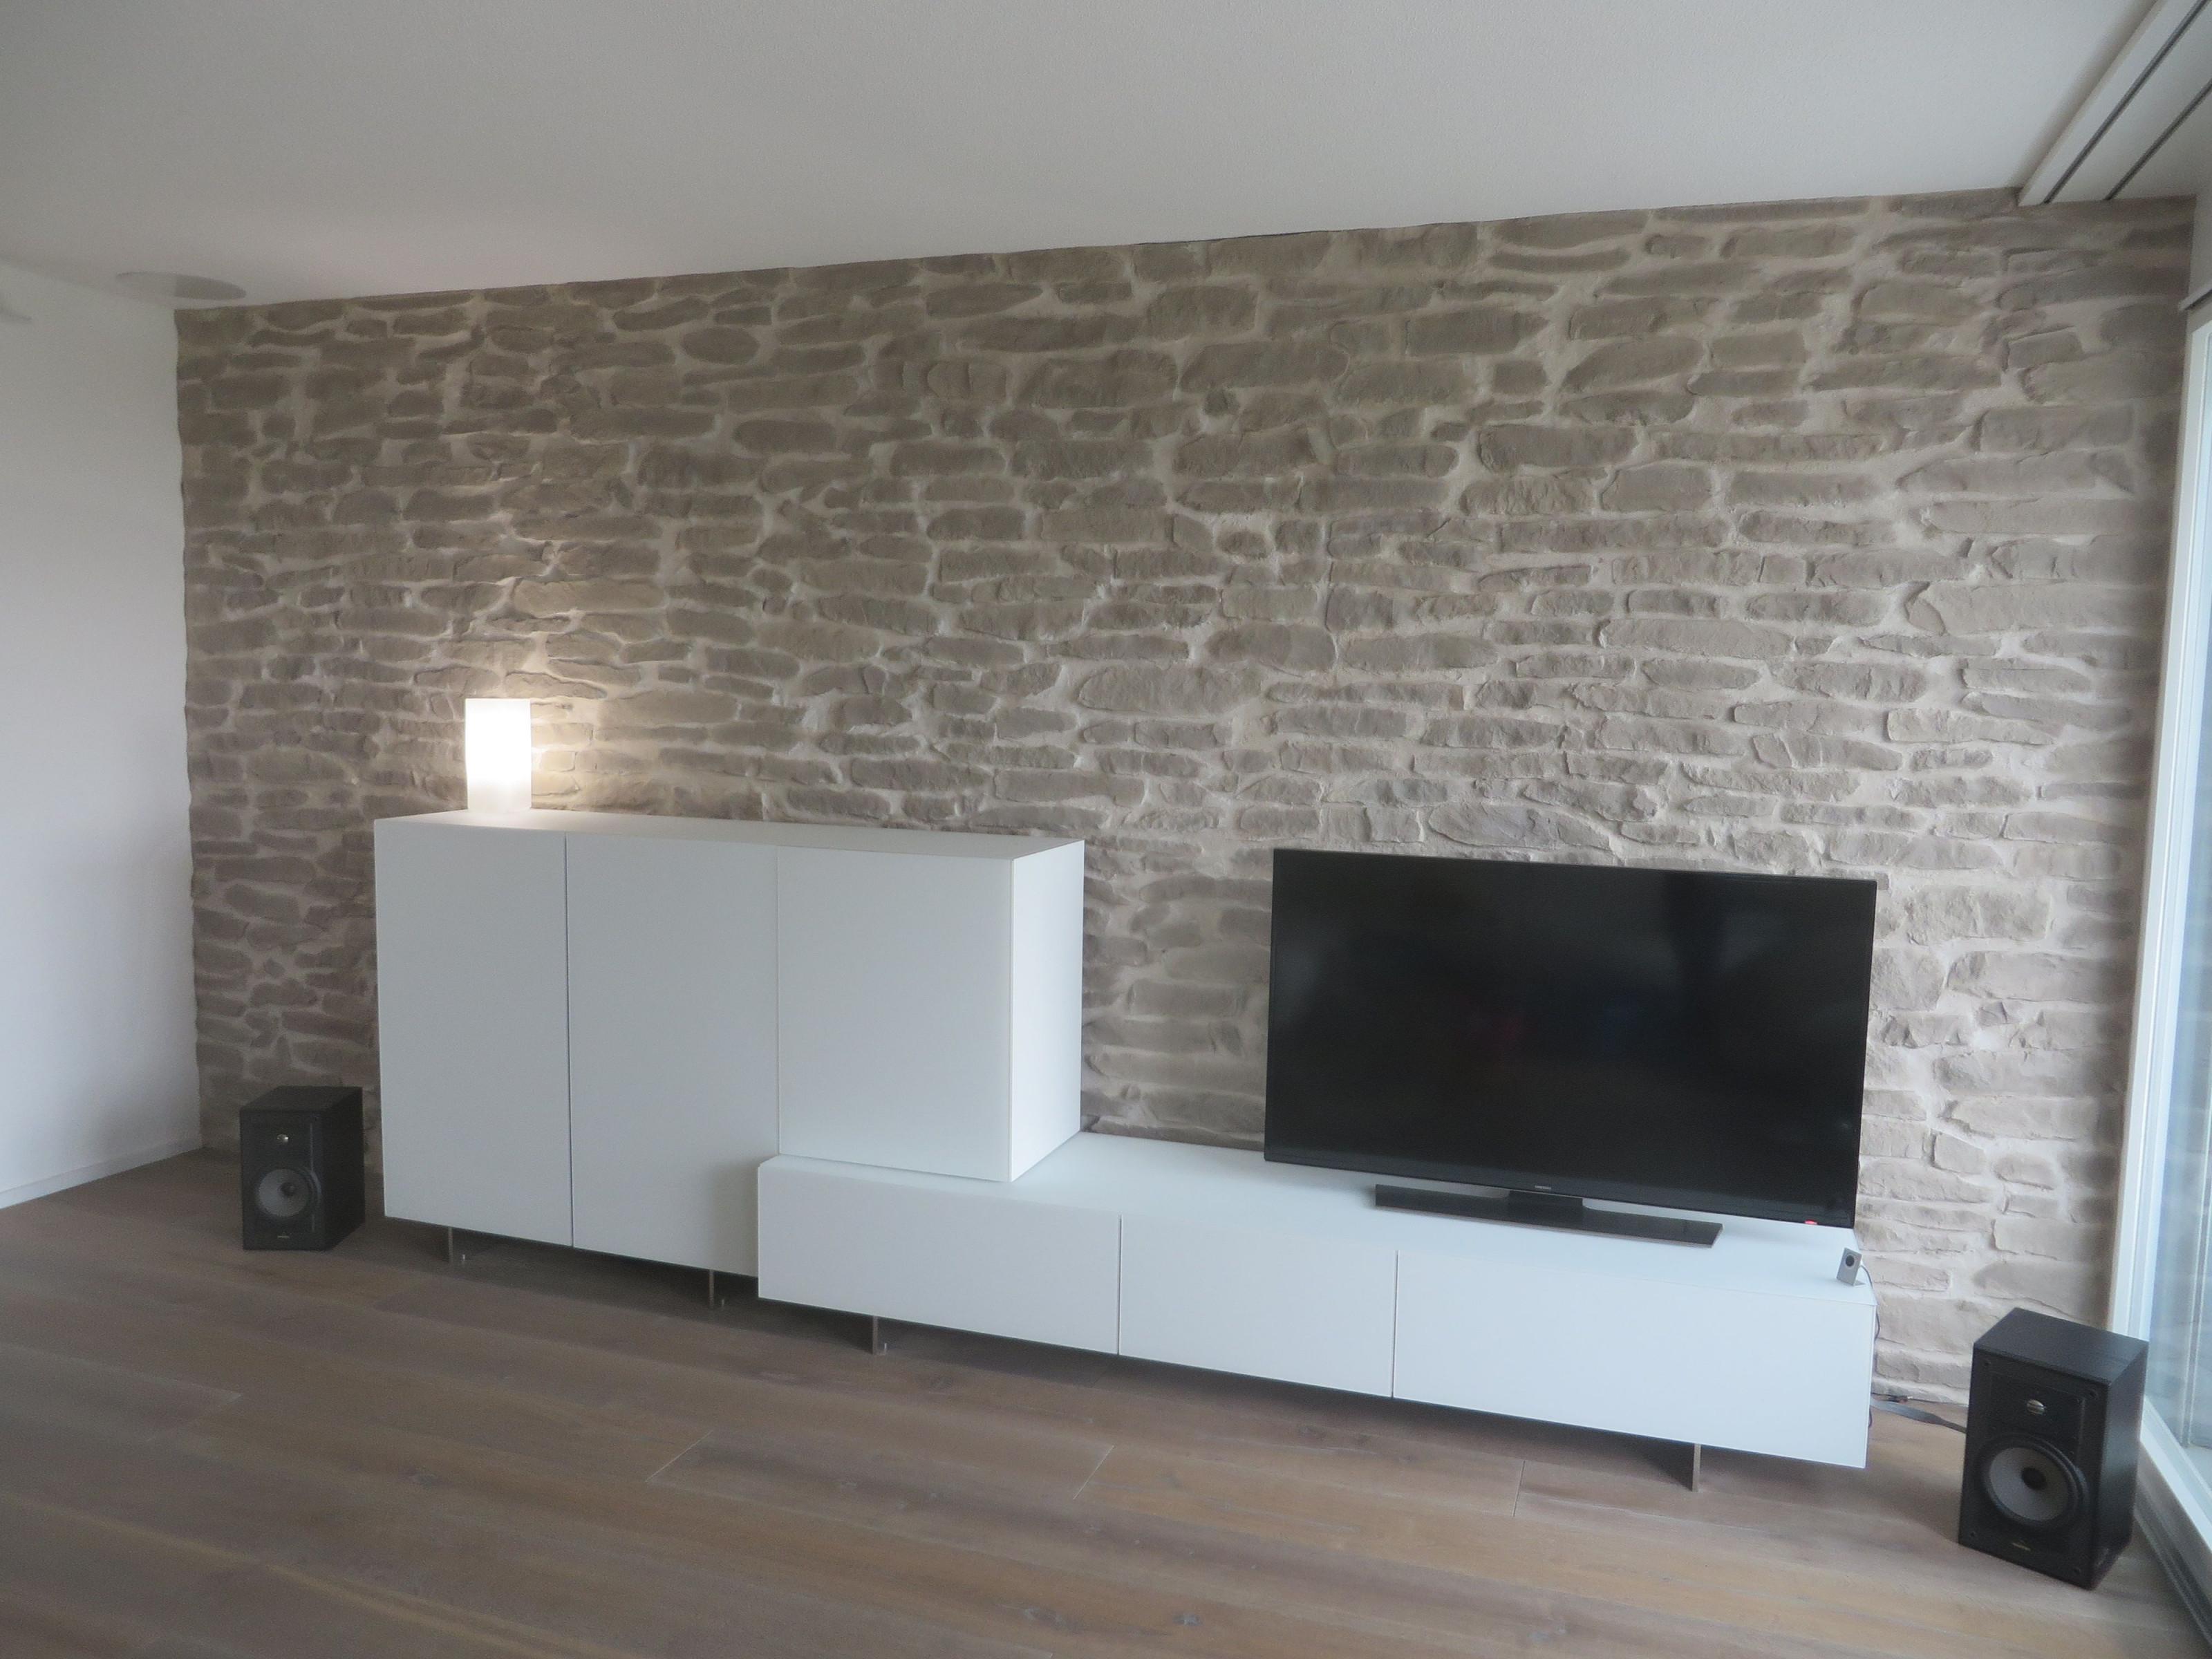 Wohnzimmerwand Steinoptik Lajas  Wandgestaltung Wohnzimmer von Ideen Wandgestaltung Wohnzimmer Photo